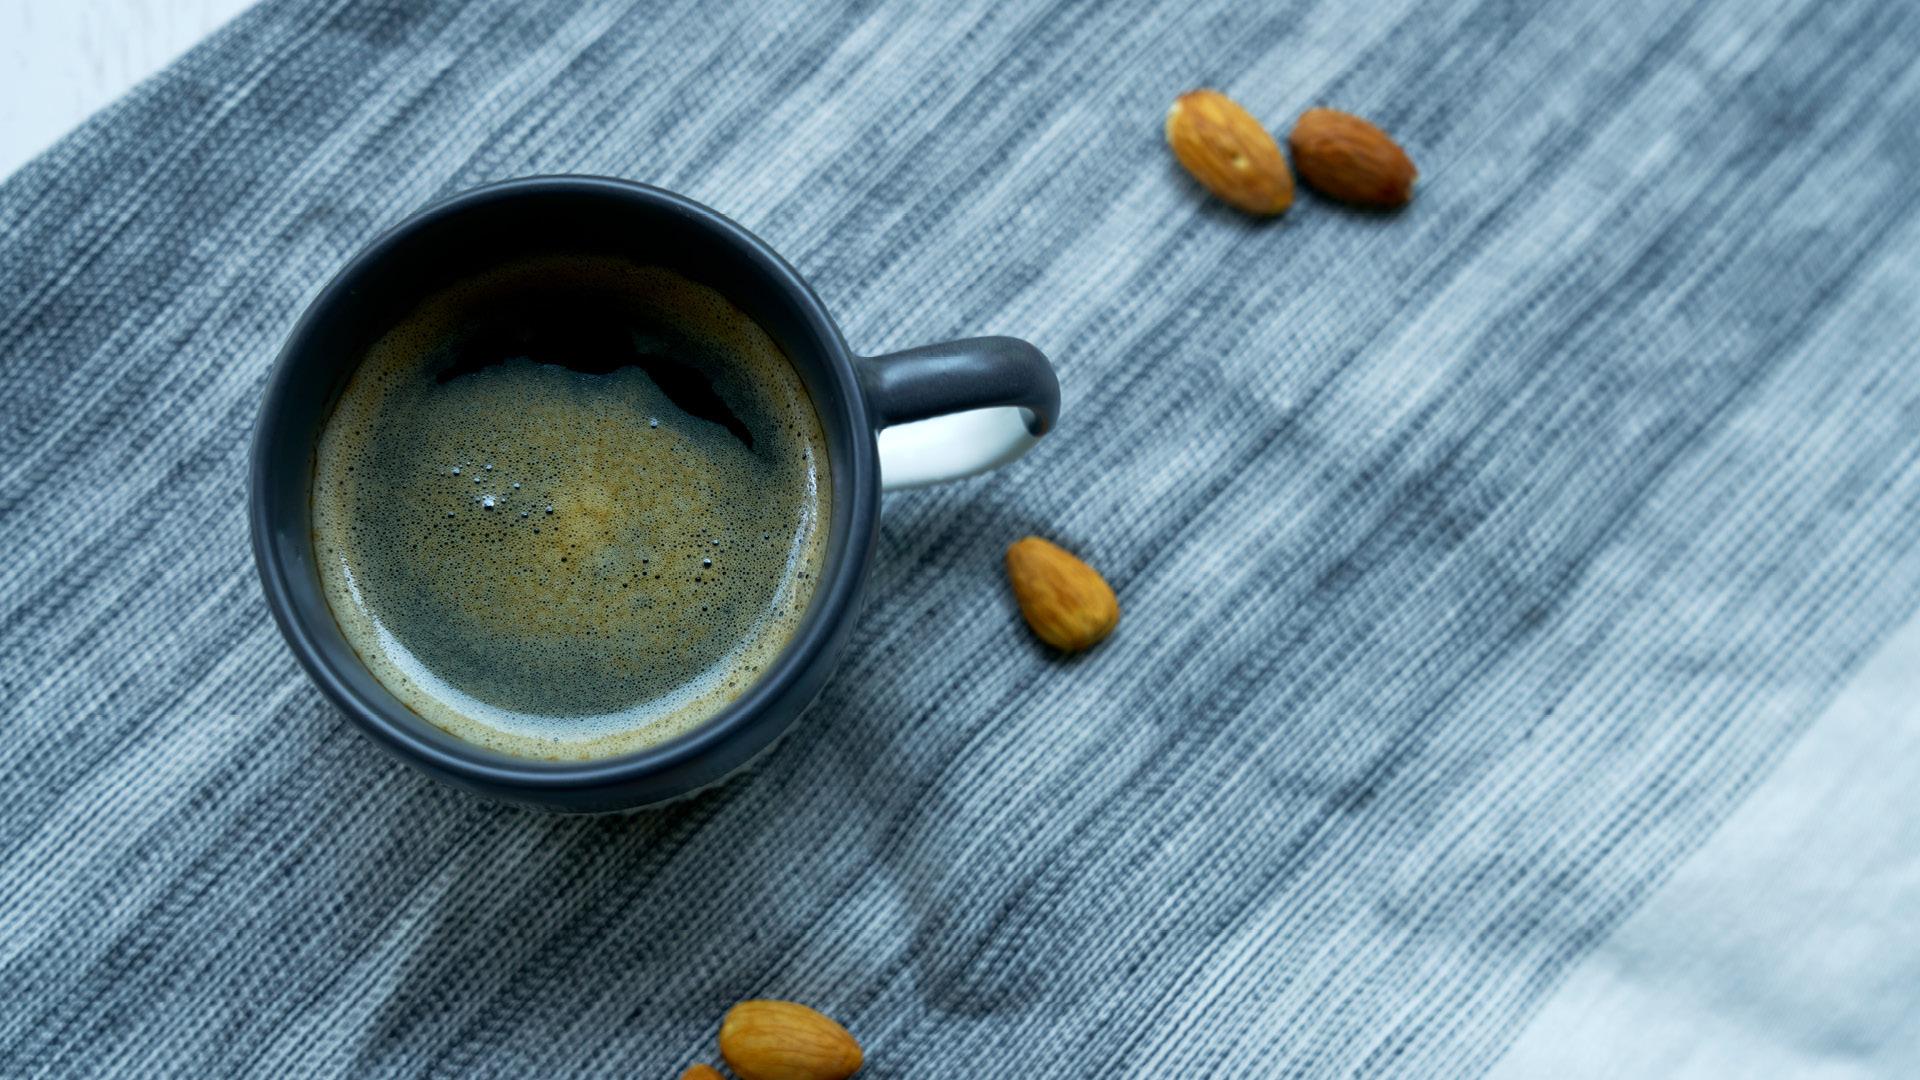 午间醇厚咖啡,驱散一身疲惫